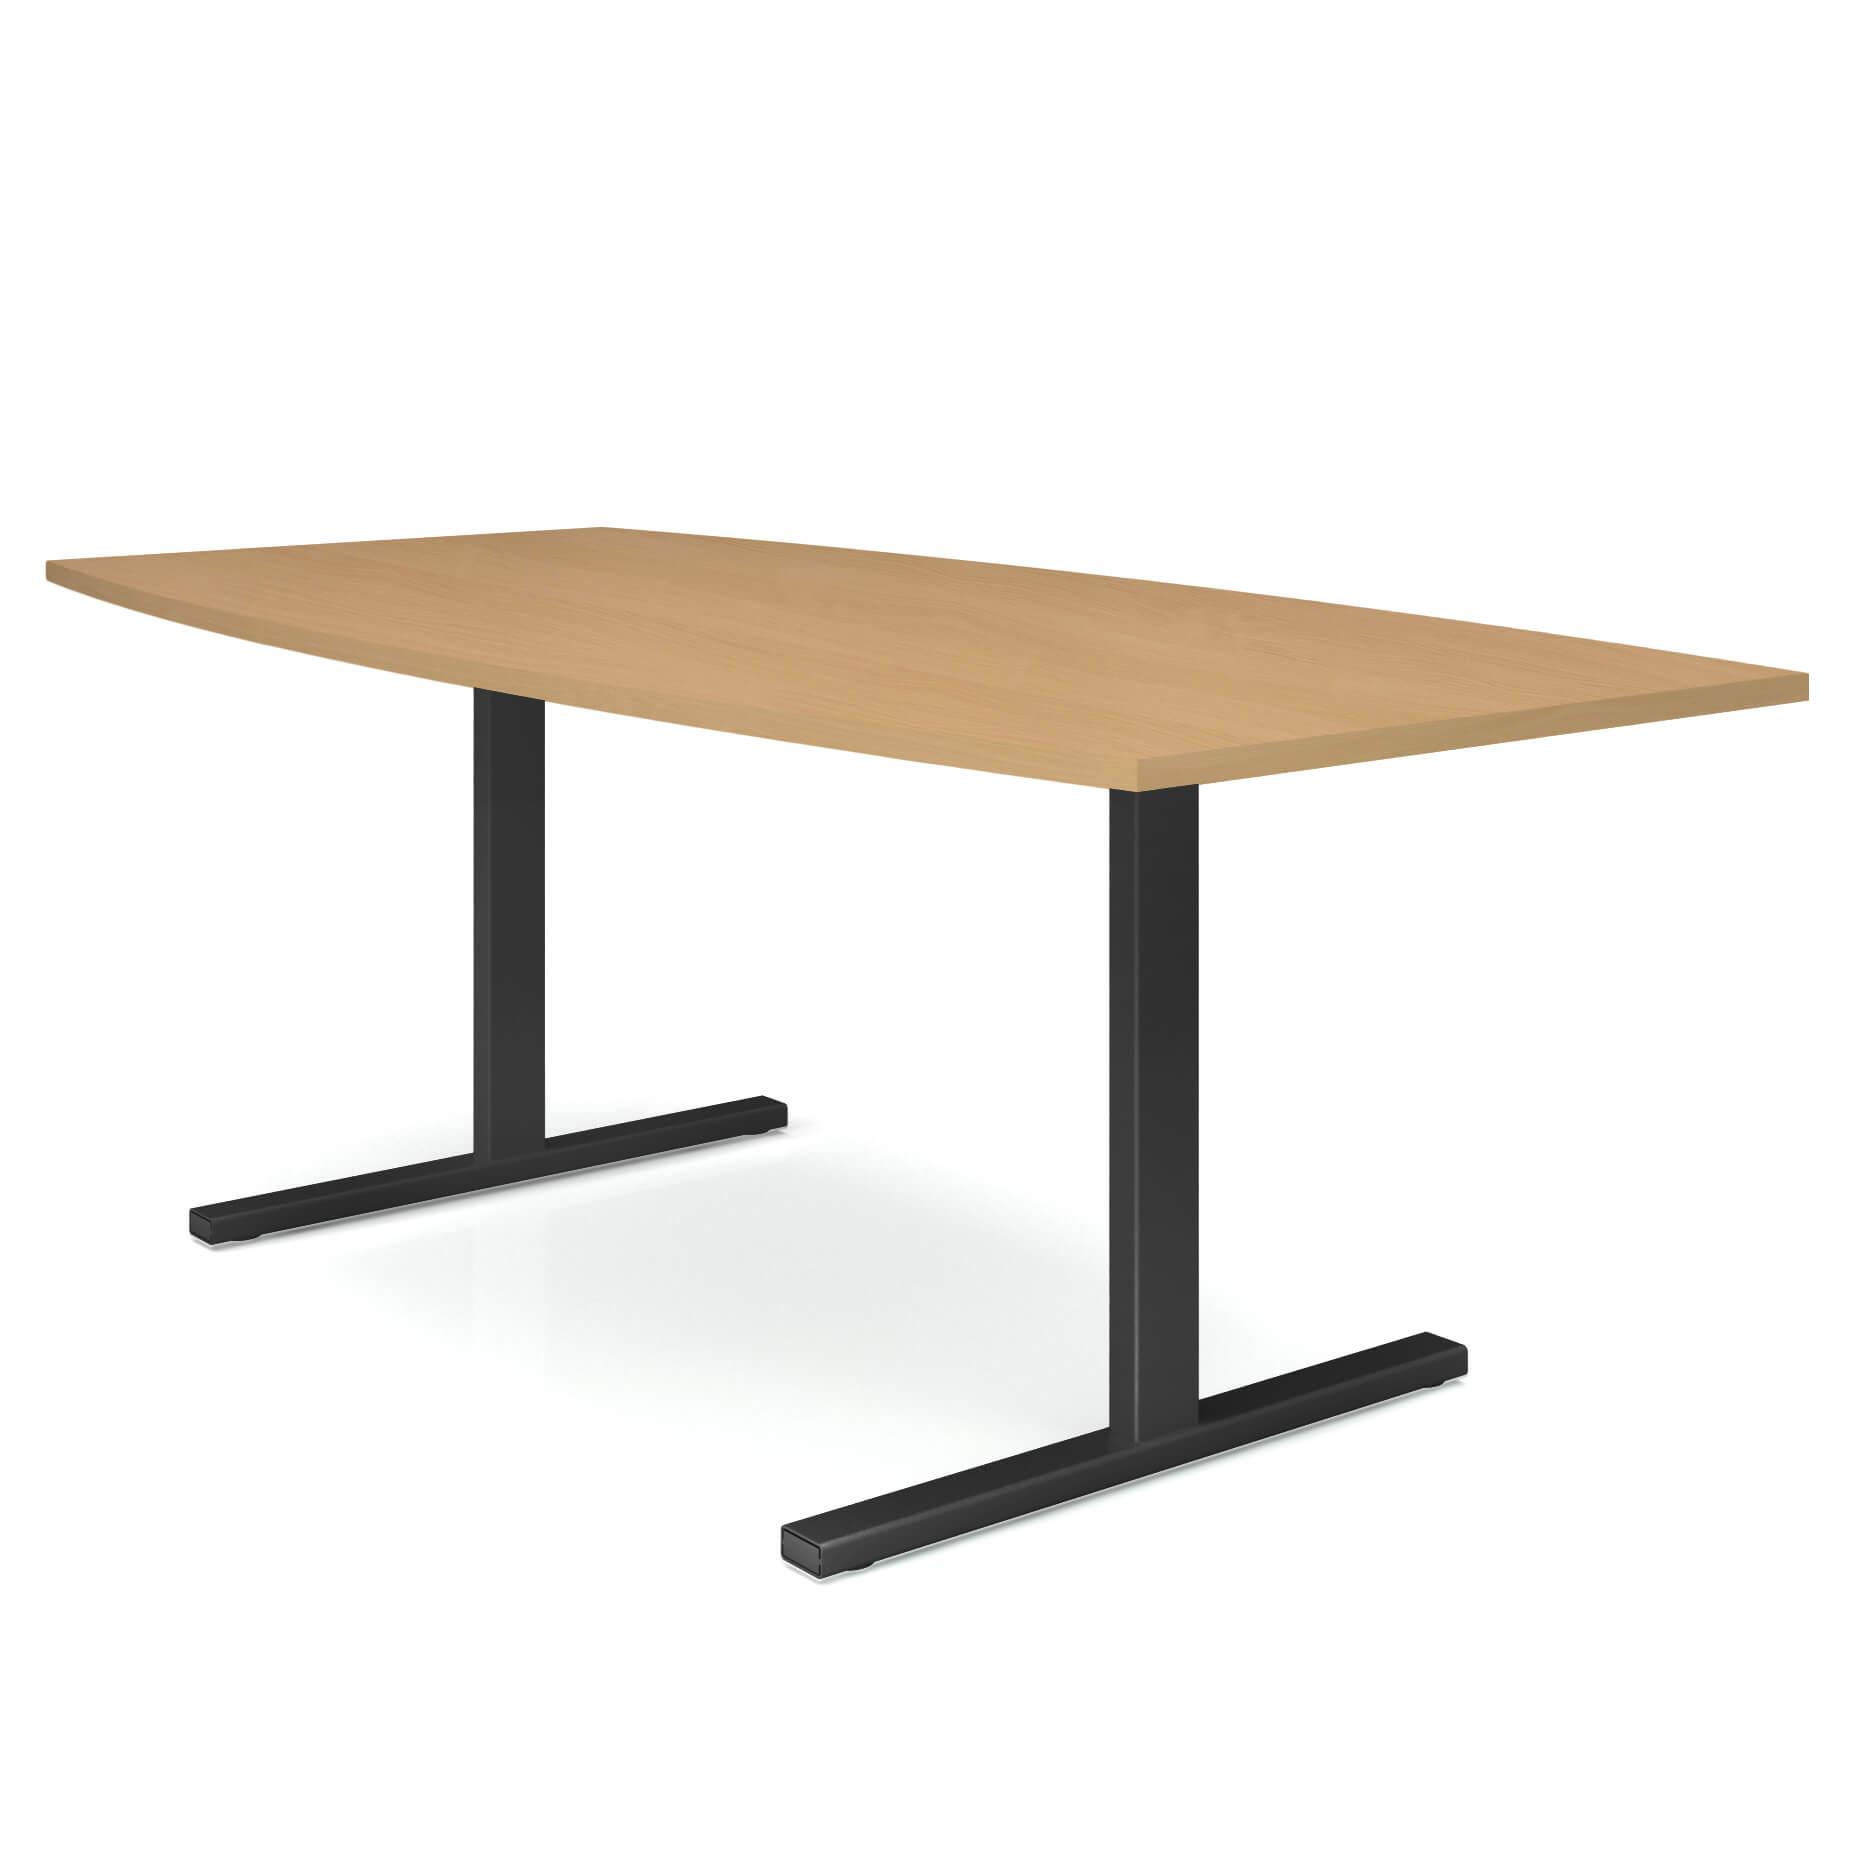 EASY Konferenztisch Bootsform 200x100 cm Buche Besprechungstisch Tisch